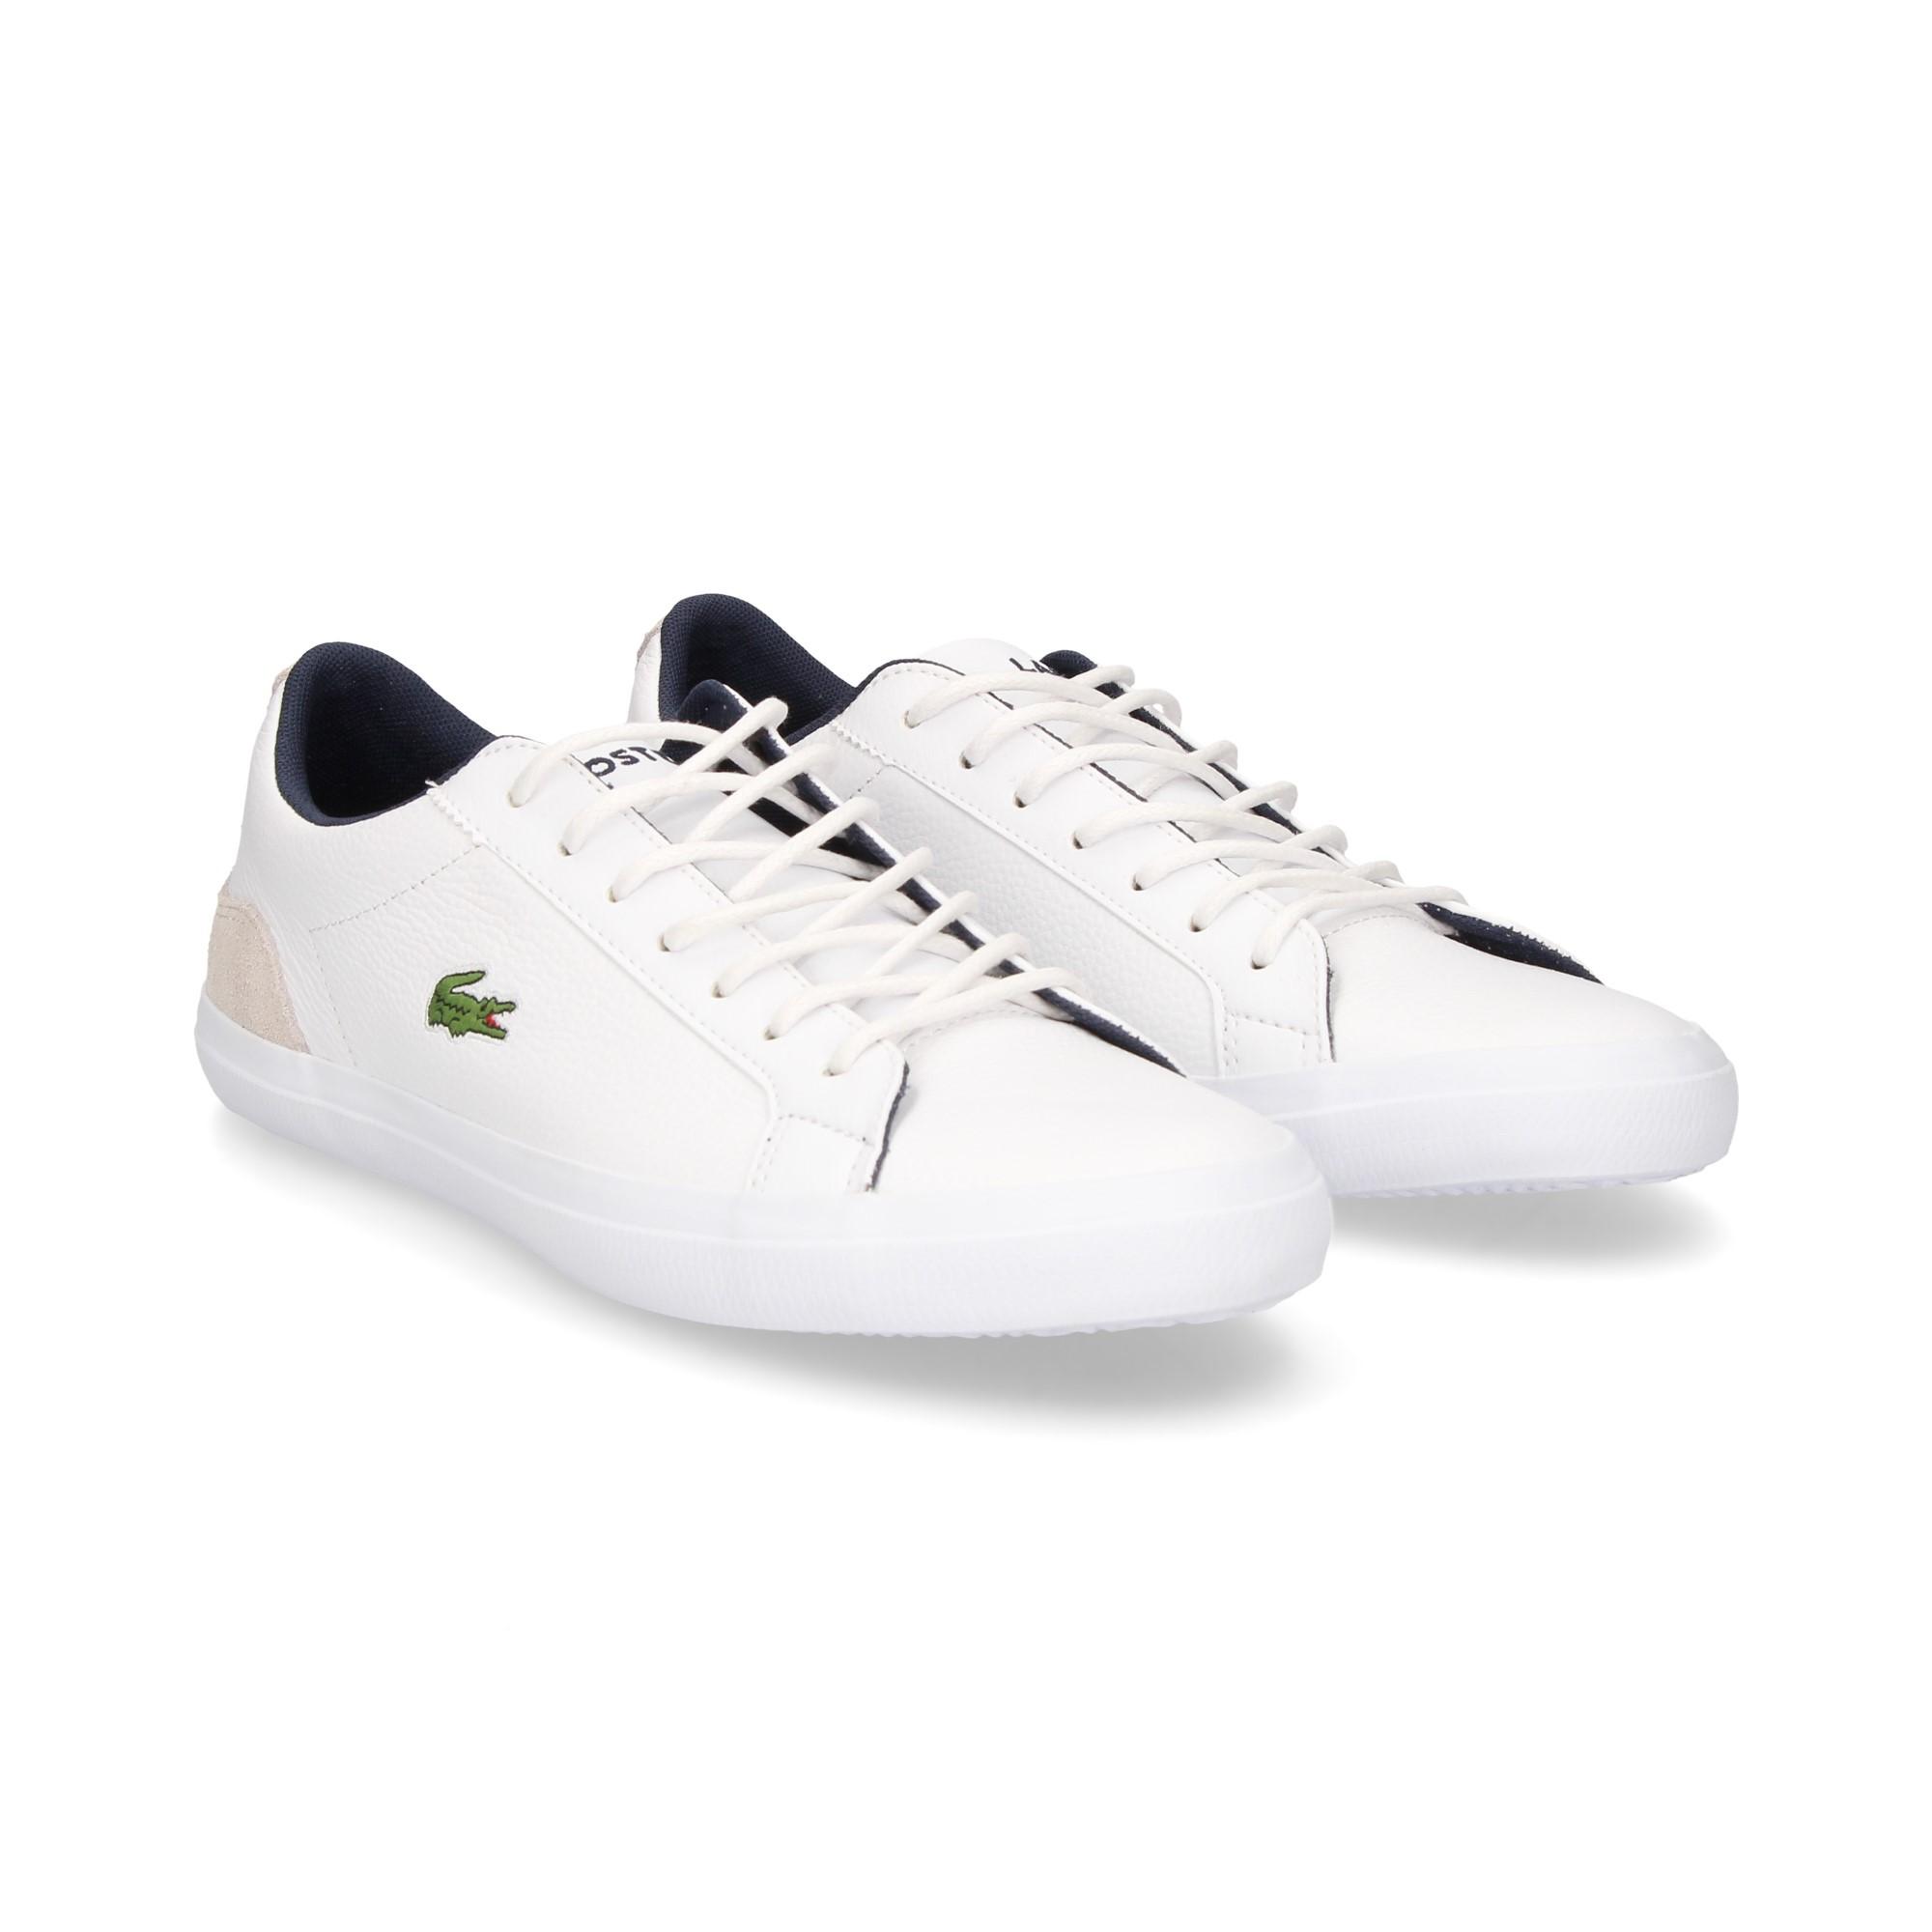 LACOSTE Men s sneakers 36CAM0048 042 WHT NVY 35764ea0e6